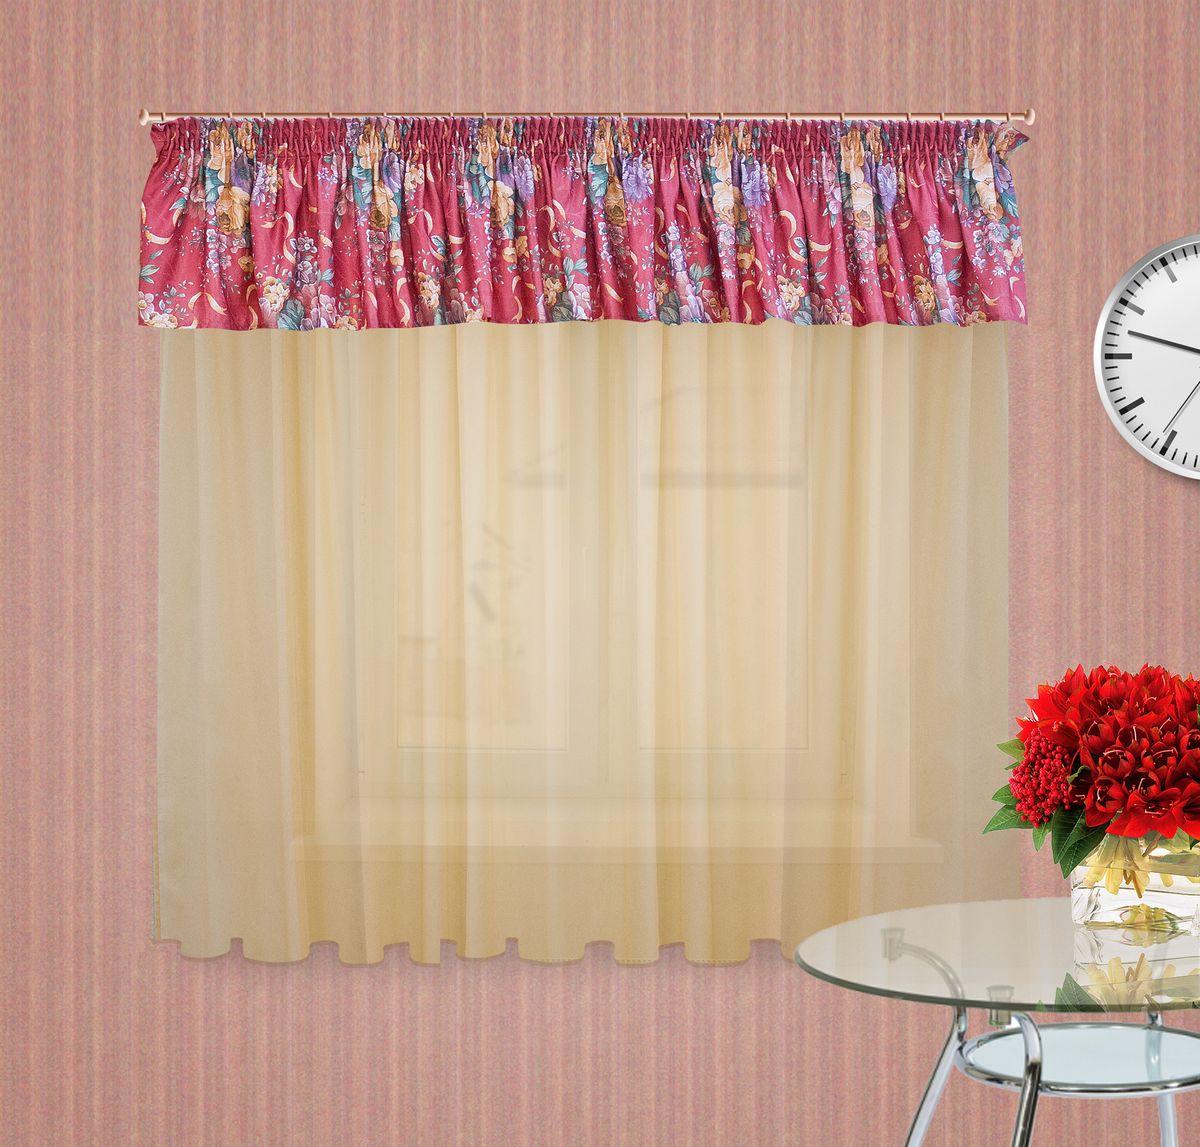 Тюлевое полотно Zlata Korunka. 5555355553Комплект штор на шторной ленте , Ламбрекен : 400*50см 1шт, ткань печатный сатен с орнаментом крупного цветка, Тюлевое полотно из вуали цвет: светлый беж размером: 300*180